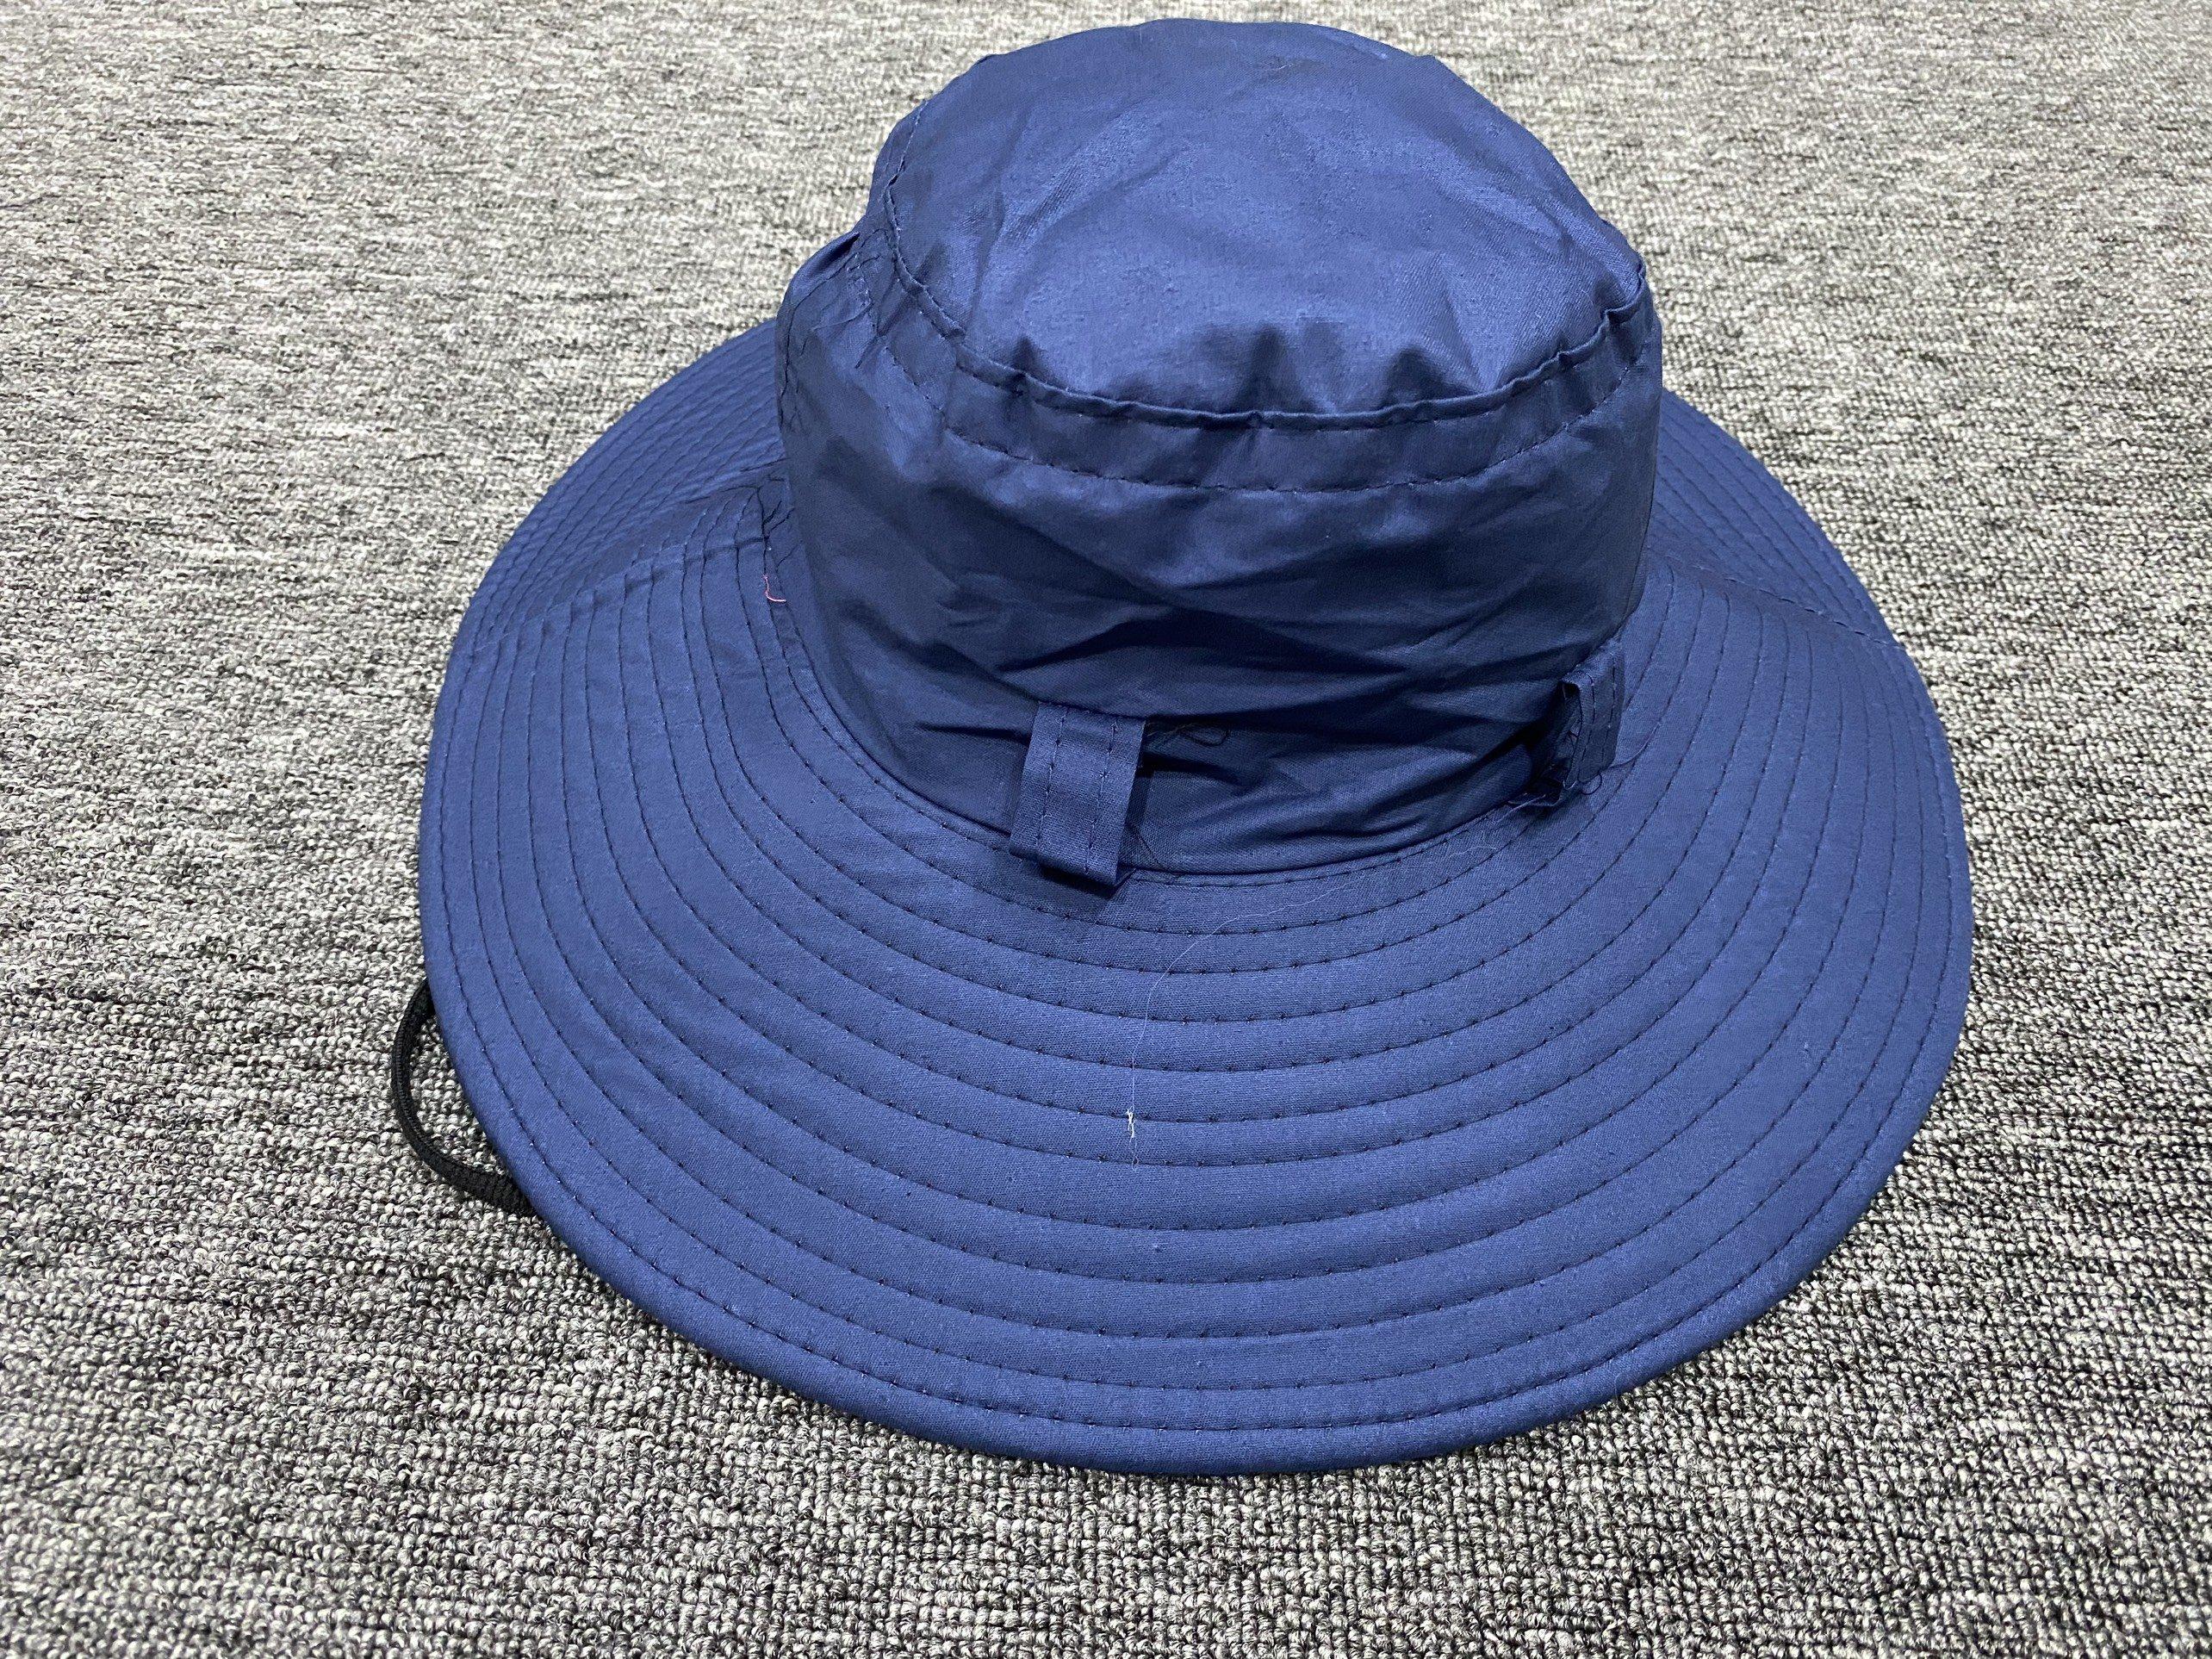 May mũ nón tai bèo, mũ nón đặt theo yêu cầu